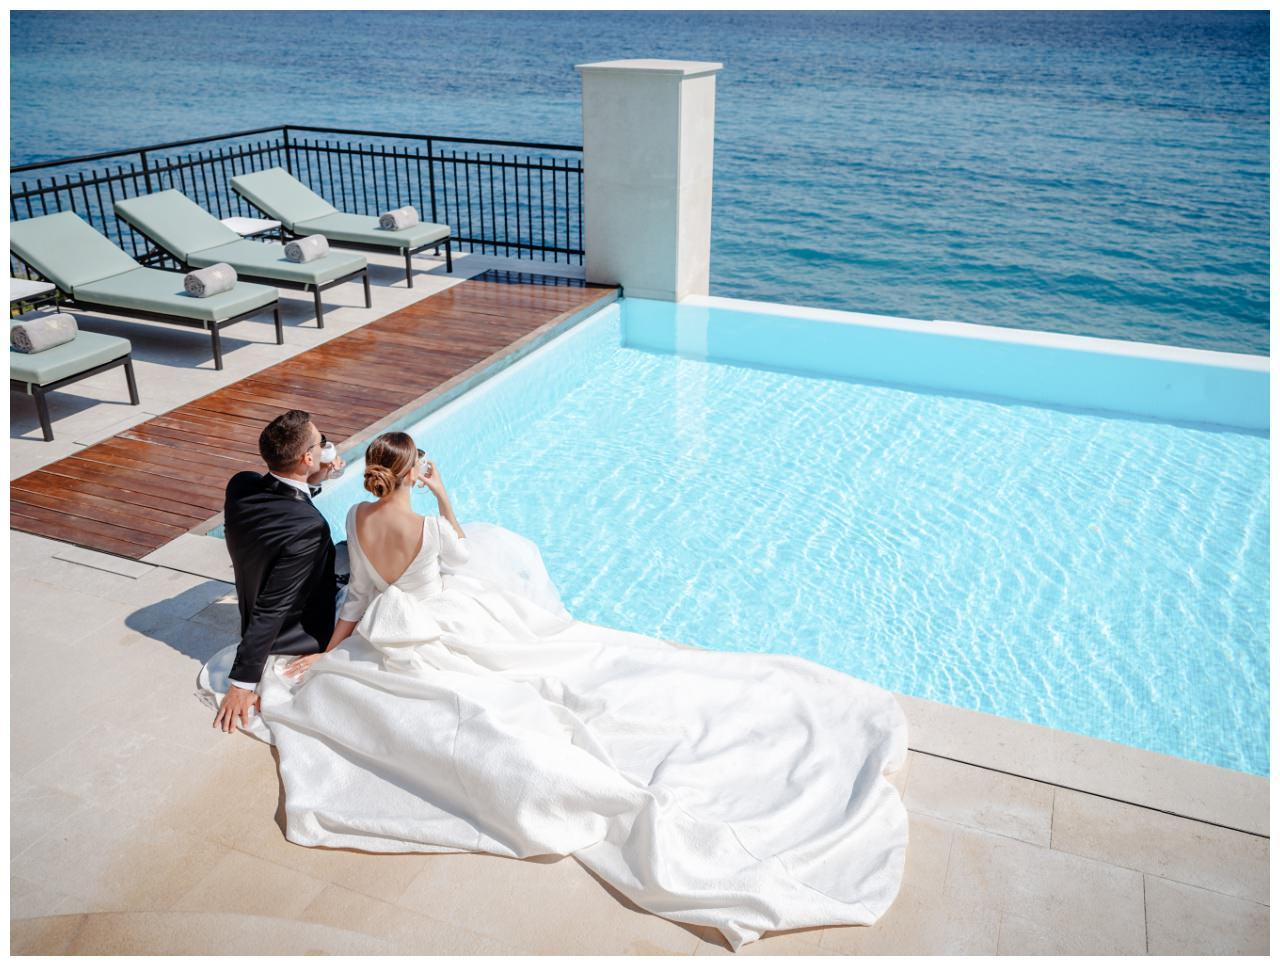 Hochzeit Kroatien Hochzeitsplanung Hochzeitsplaner Fotograf 3 - Luxuriöse Hochzeit in Weiß